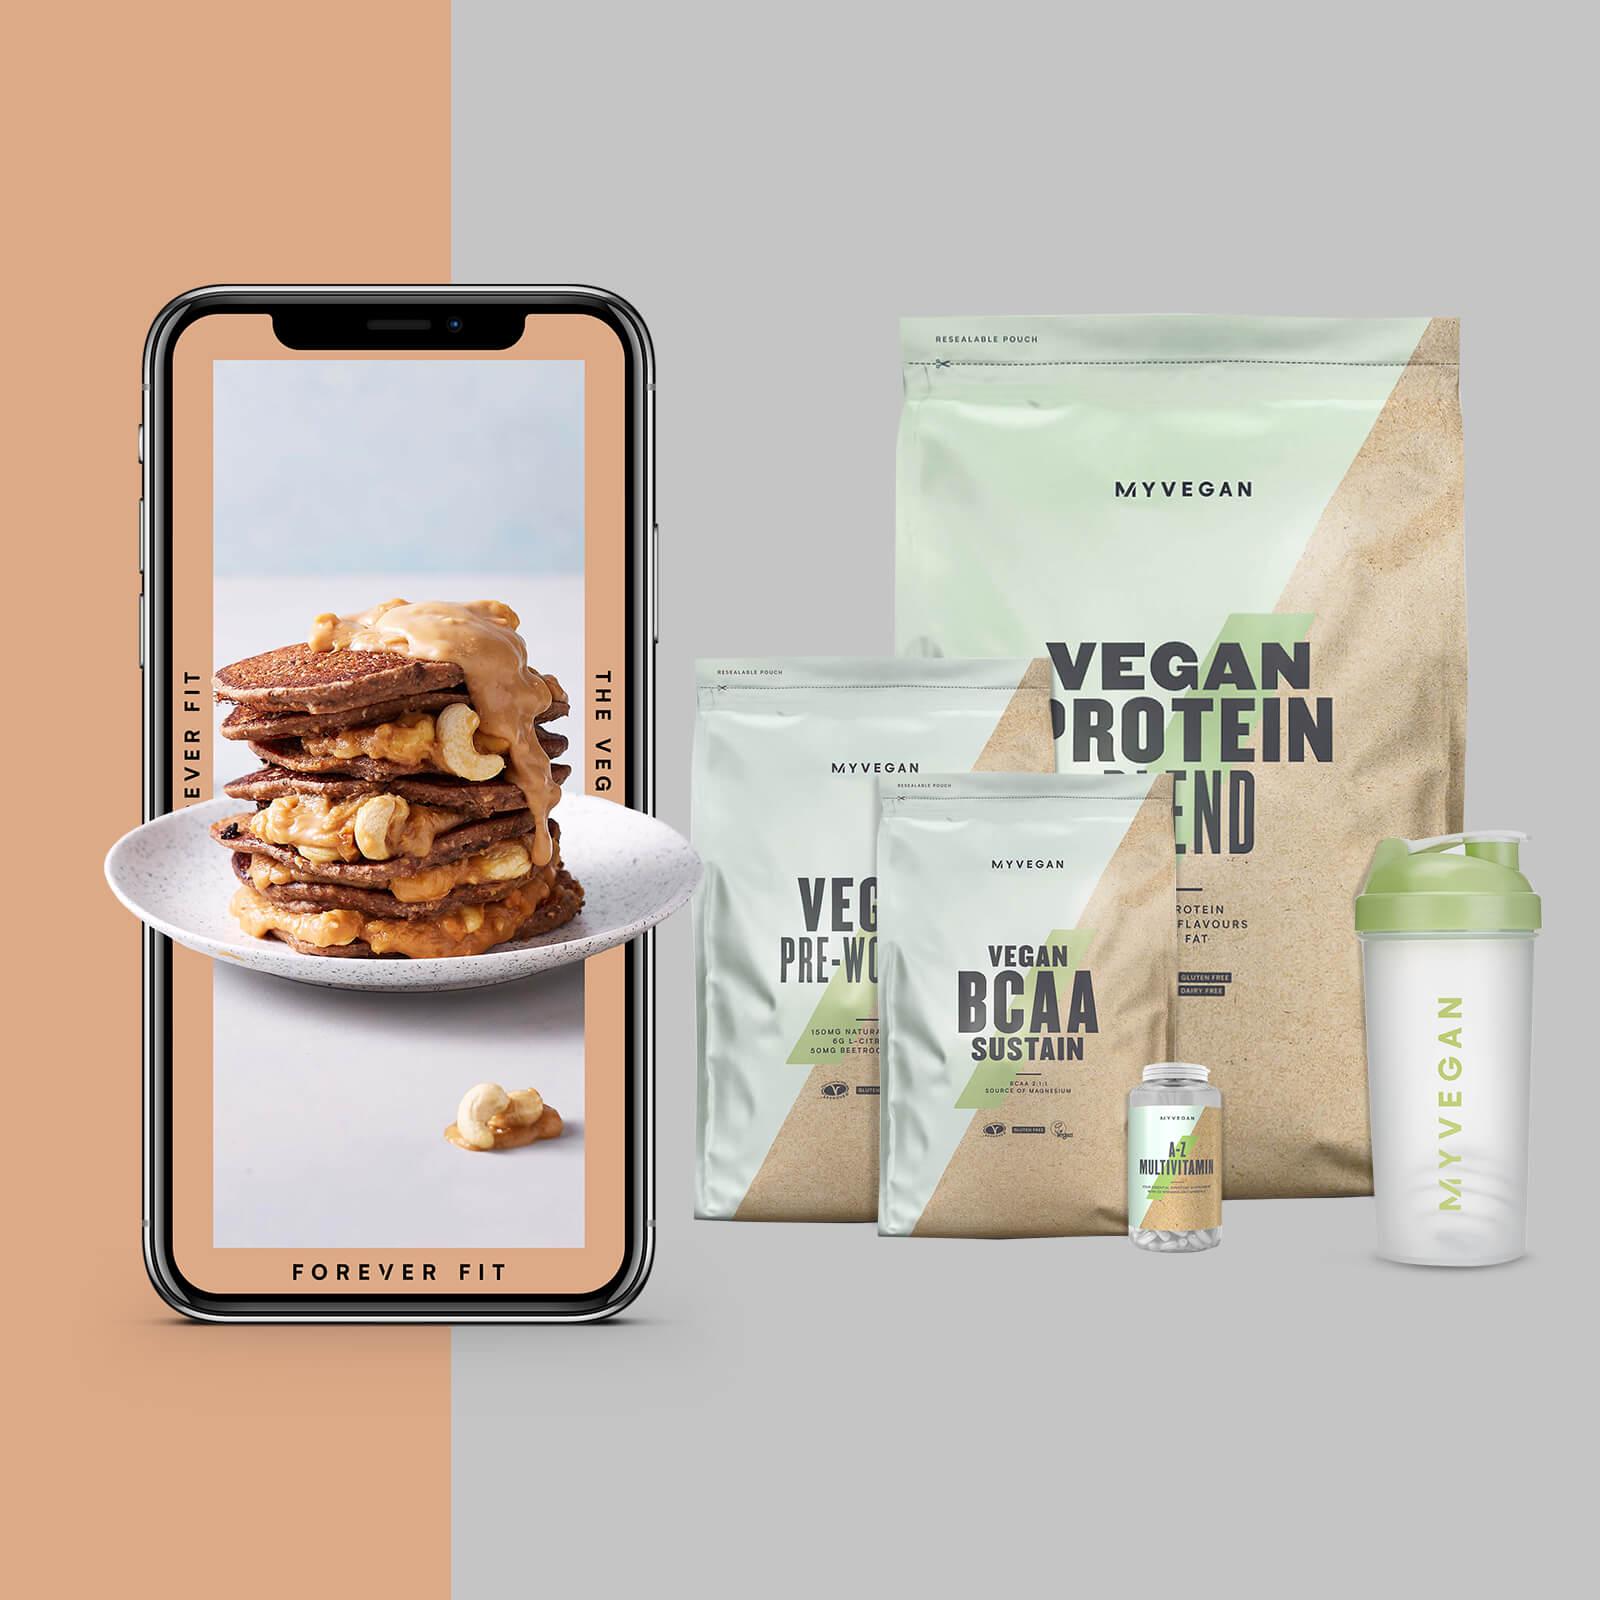 Le Pack Vegan + Guide Entraînement et Nutrition Offert - Raspberry Lemonade - Sour Apple - Chocolate